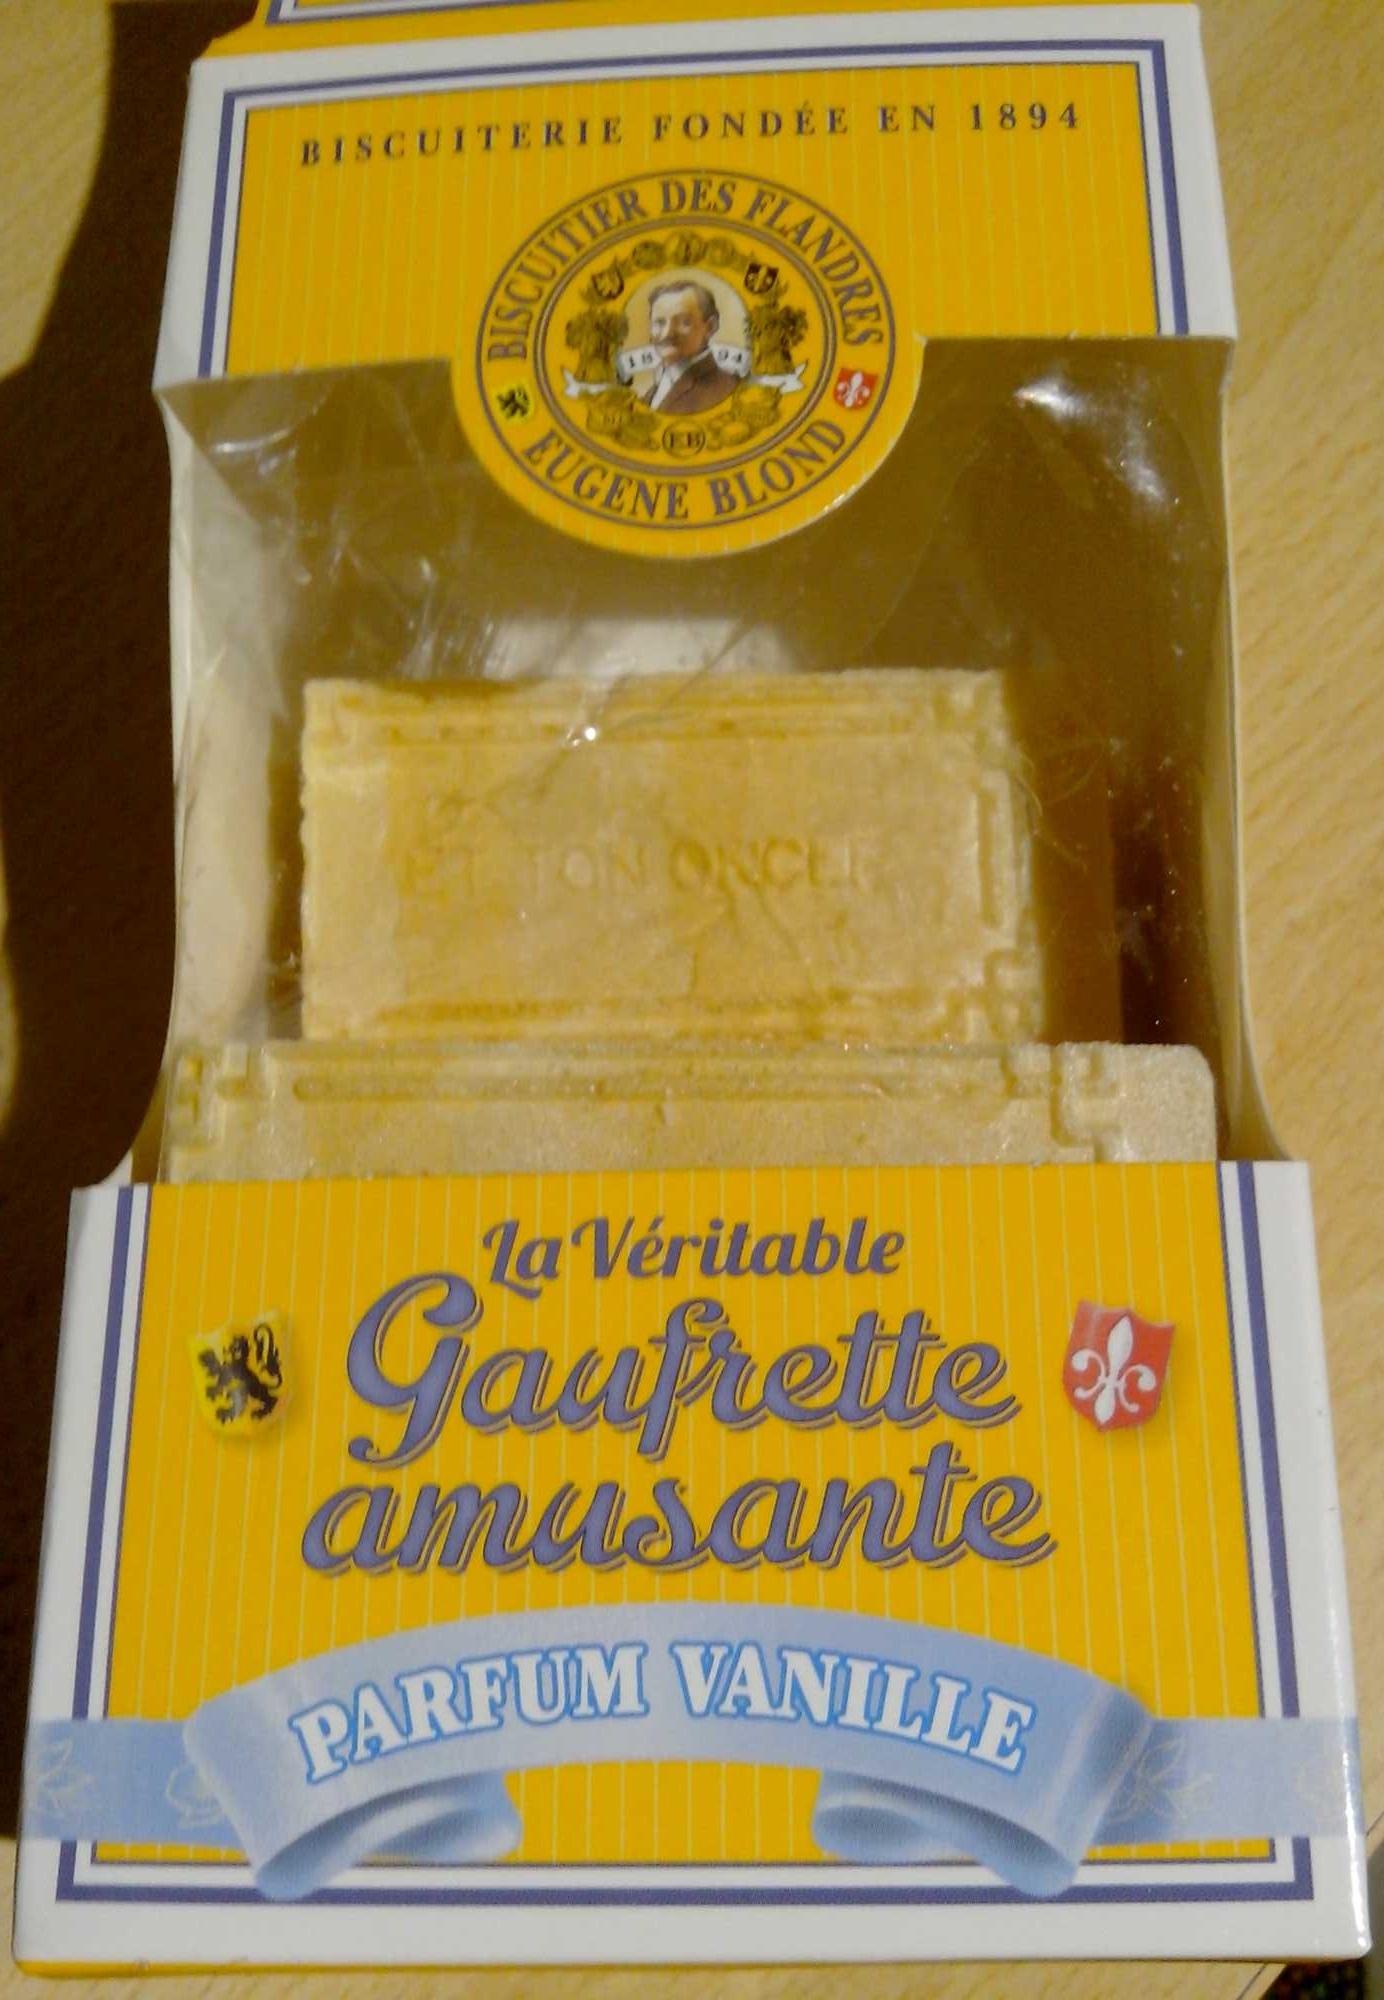 La Véritable Gaufrette amusante Parfum Vanille - Product